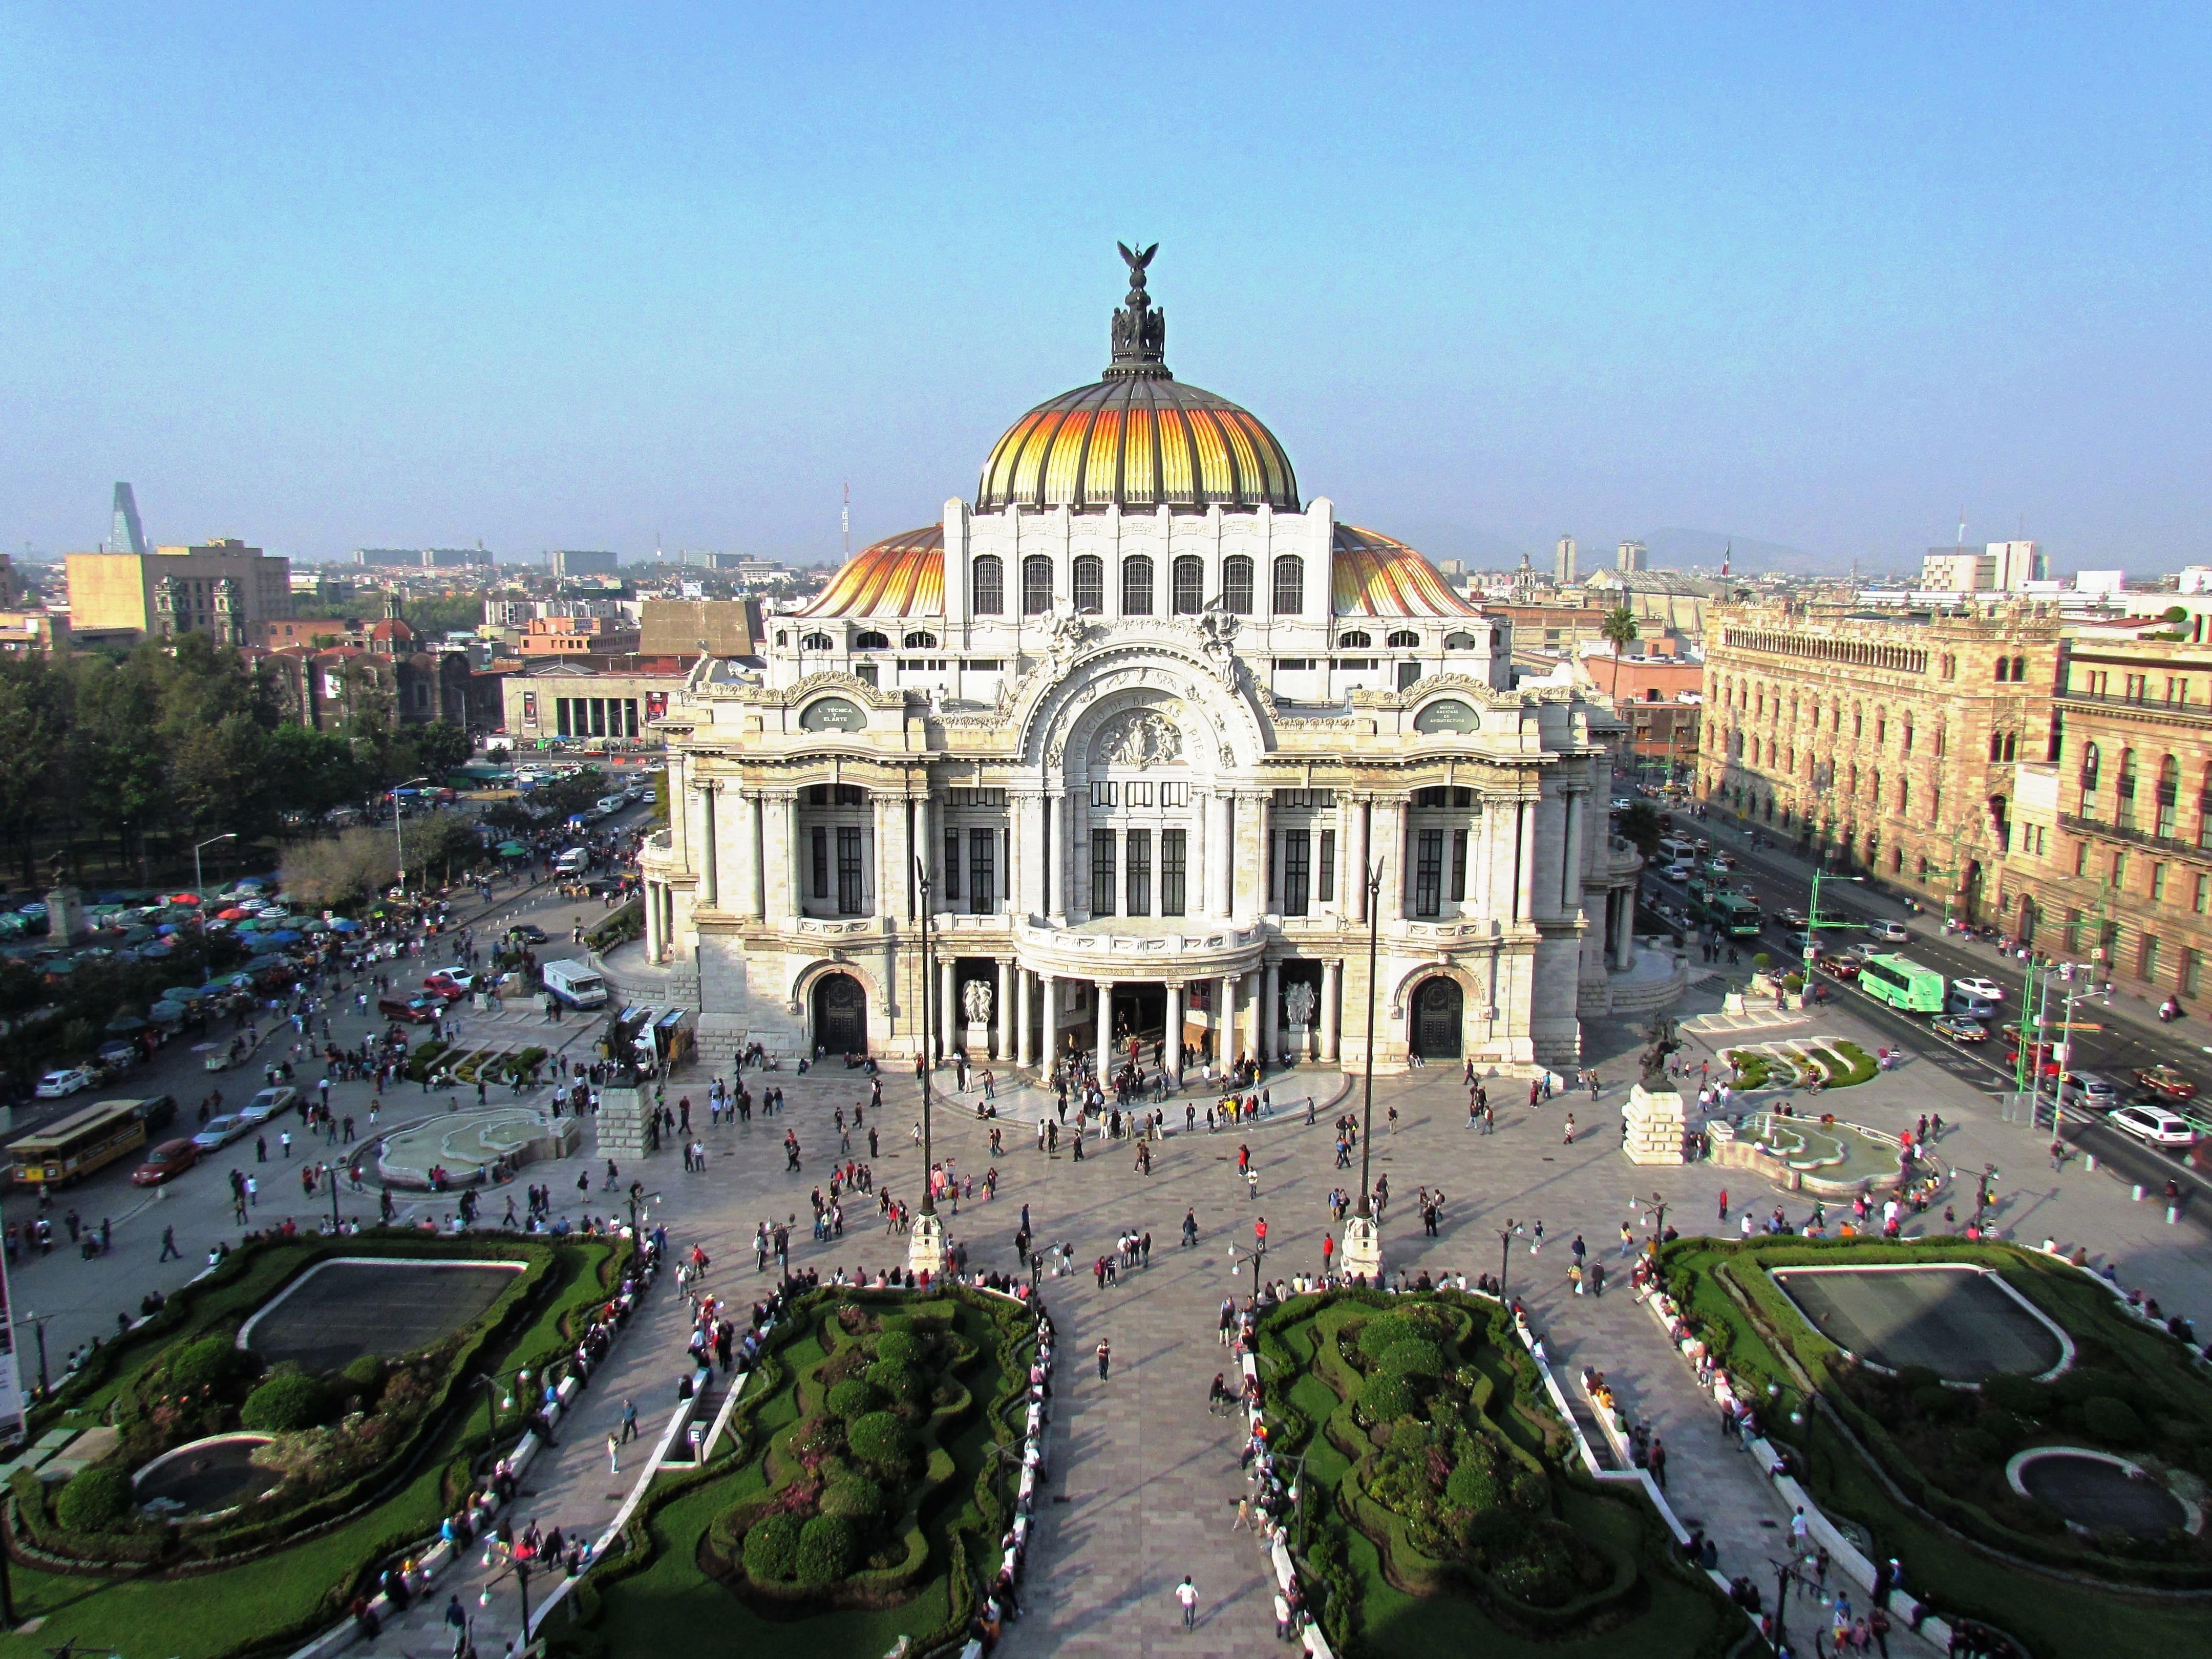 Cafe de la Gran Ciudad offers sweeping views of nearby Palacio de Bellas Artes